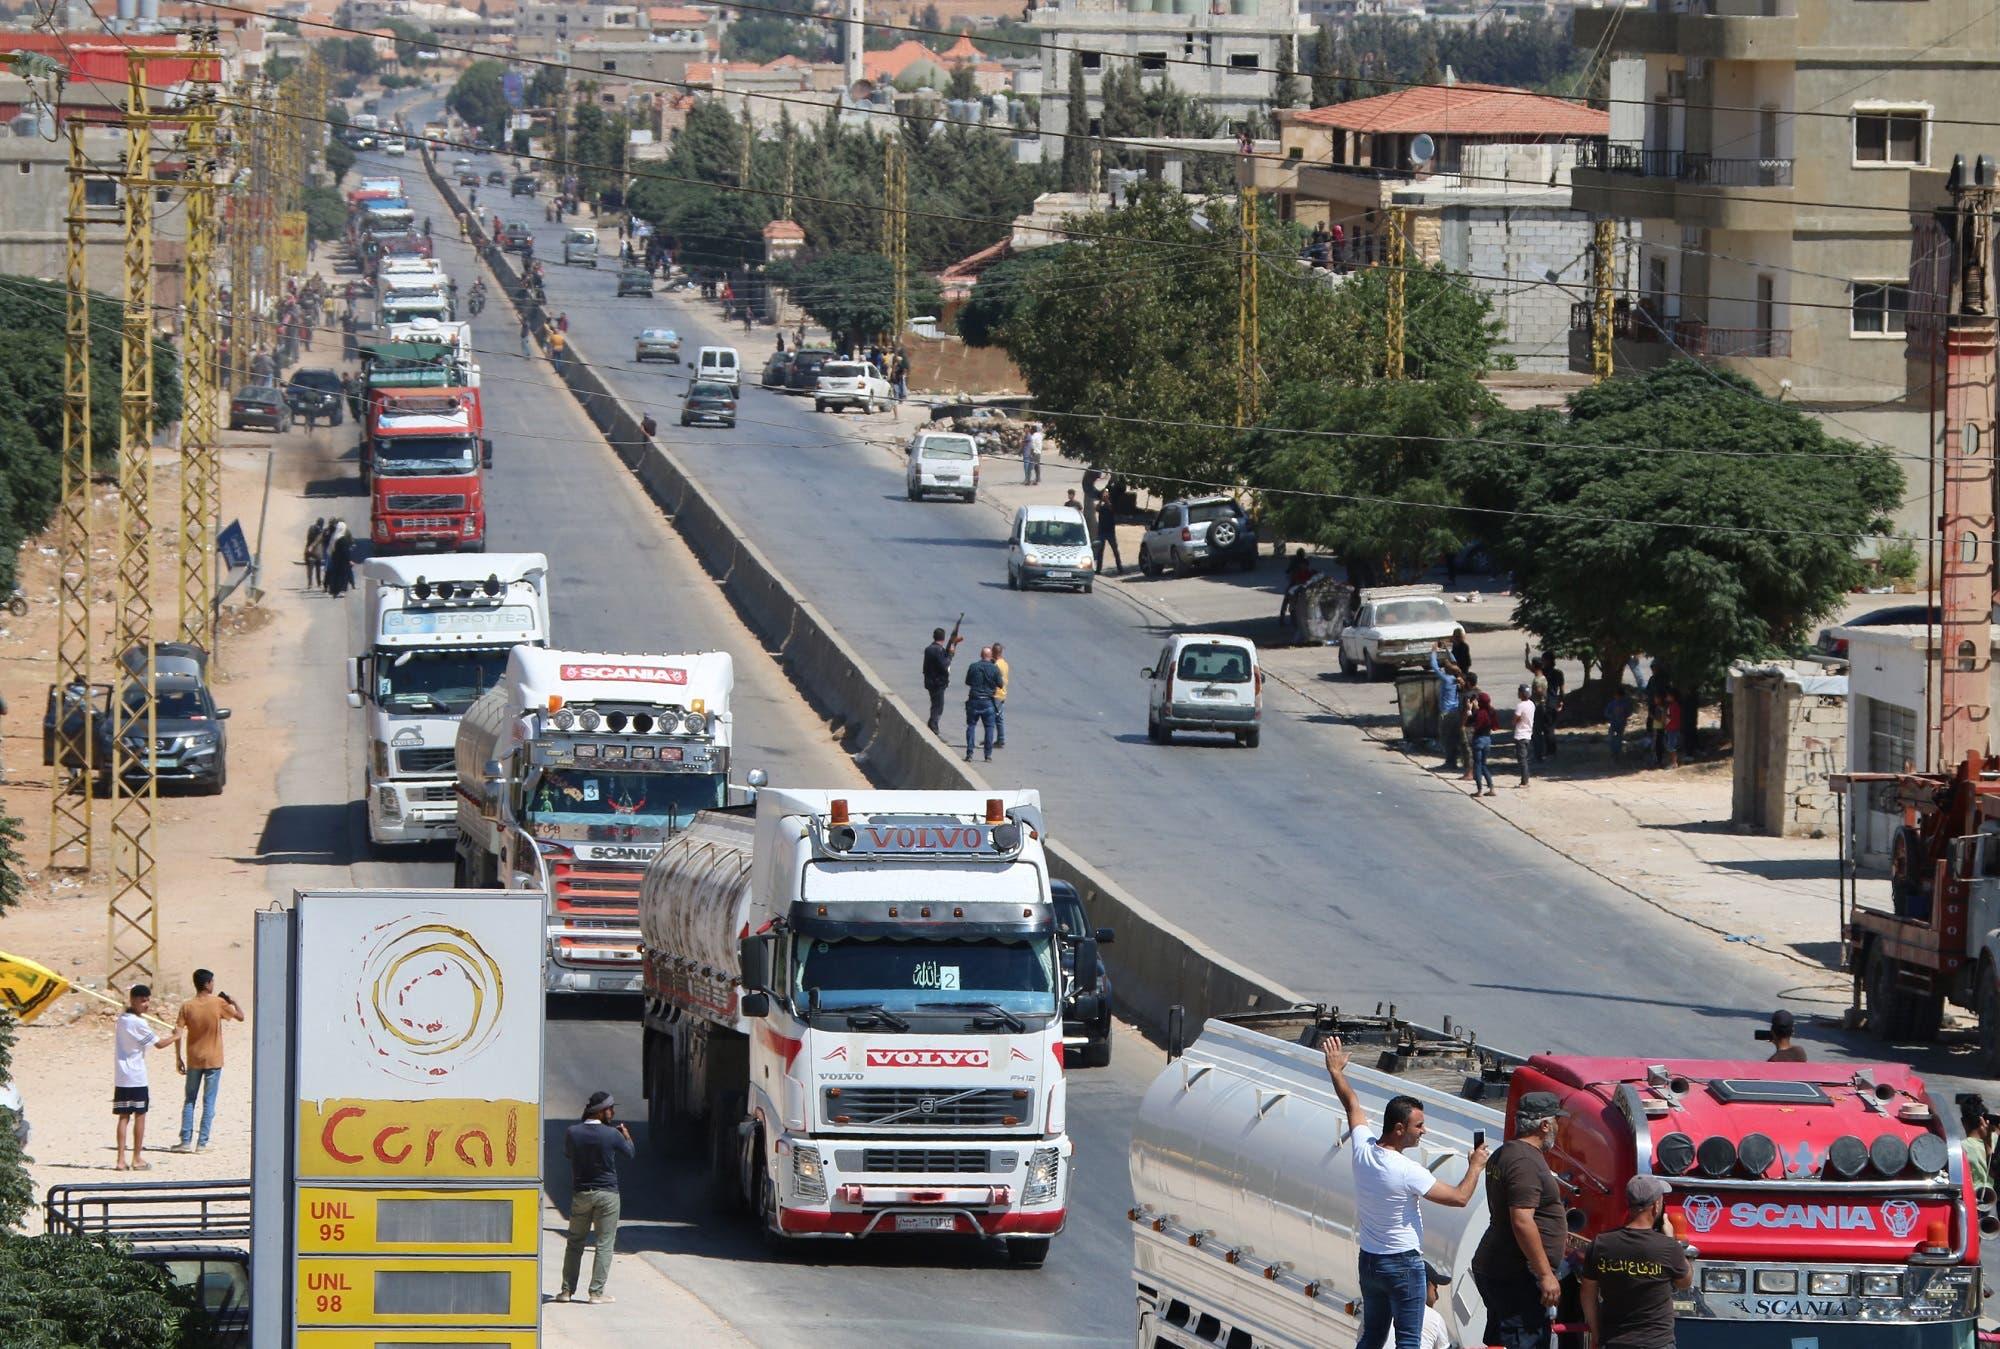 وصول ناقلات وقود إيراني من سوريا إلى العين بالهرمل شرق سهل البقاع اللبناني يوم 16 سبتمبر 2021 (فرانس برس)